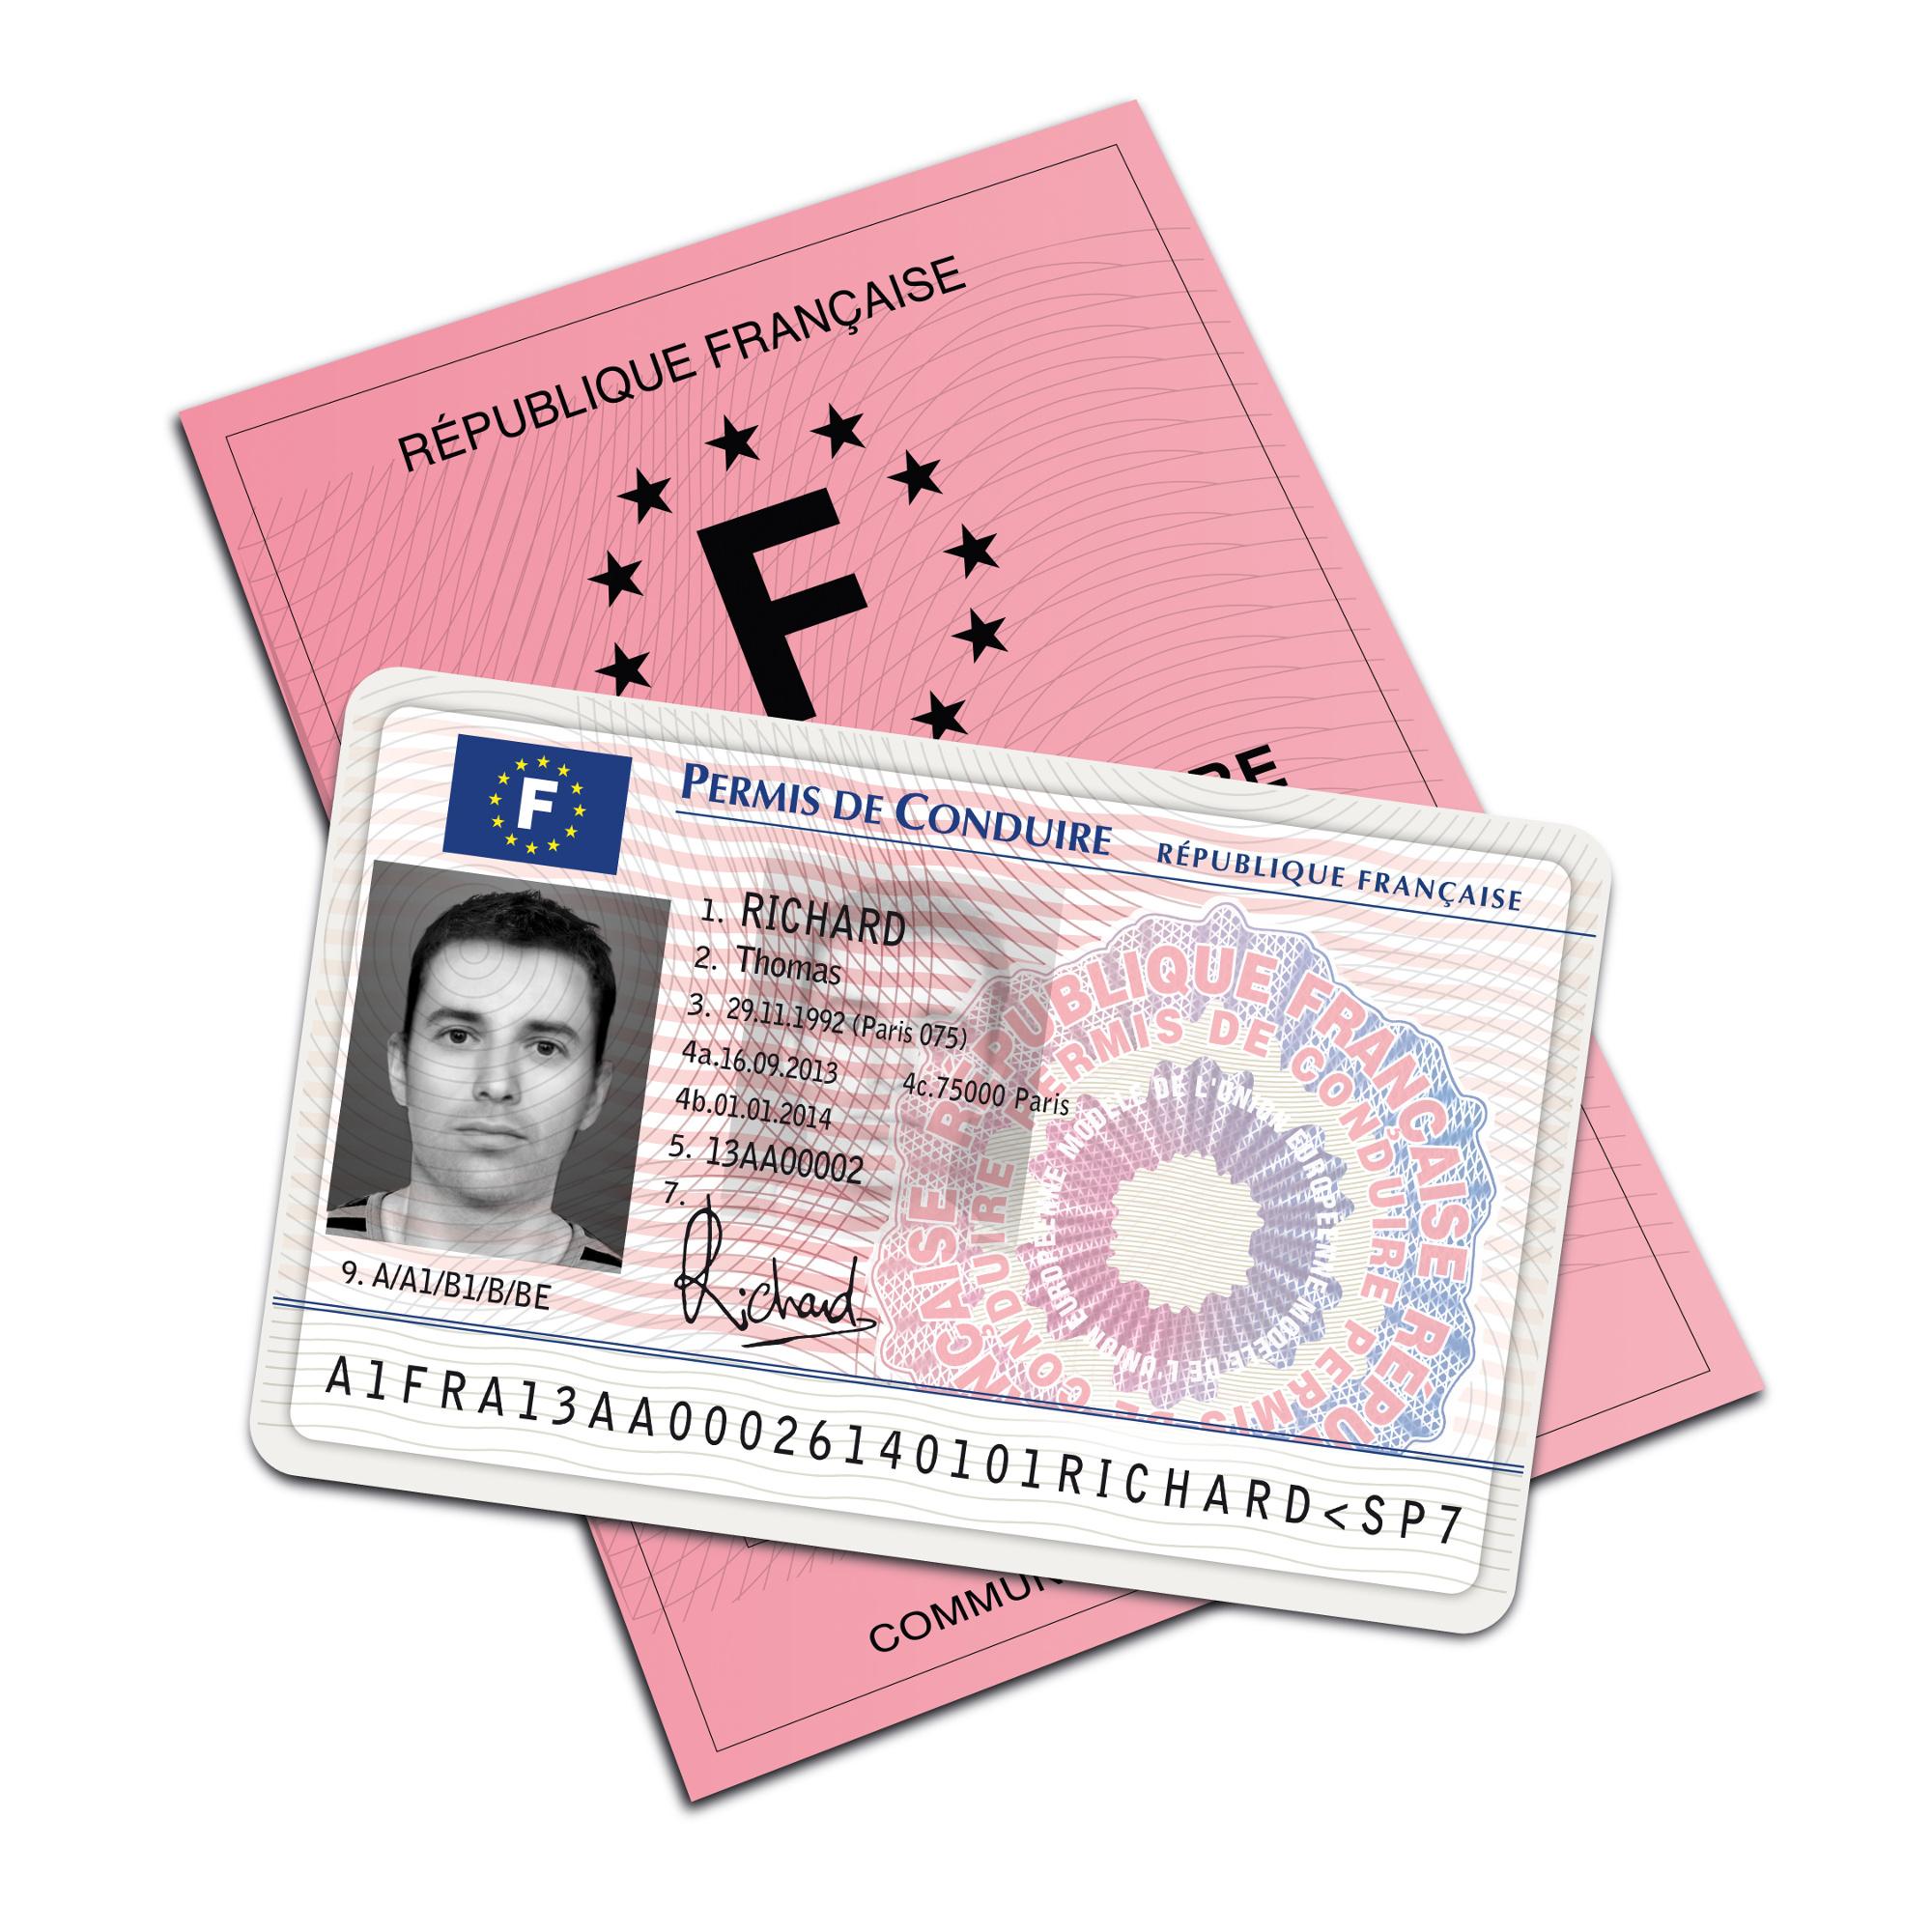 Renouvellement du permis de conduire